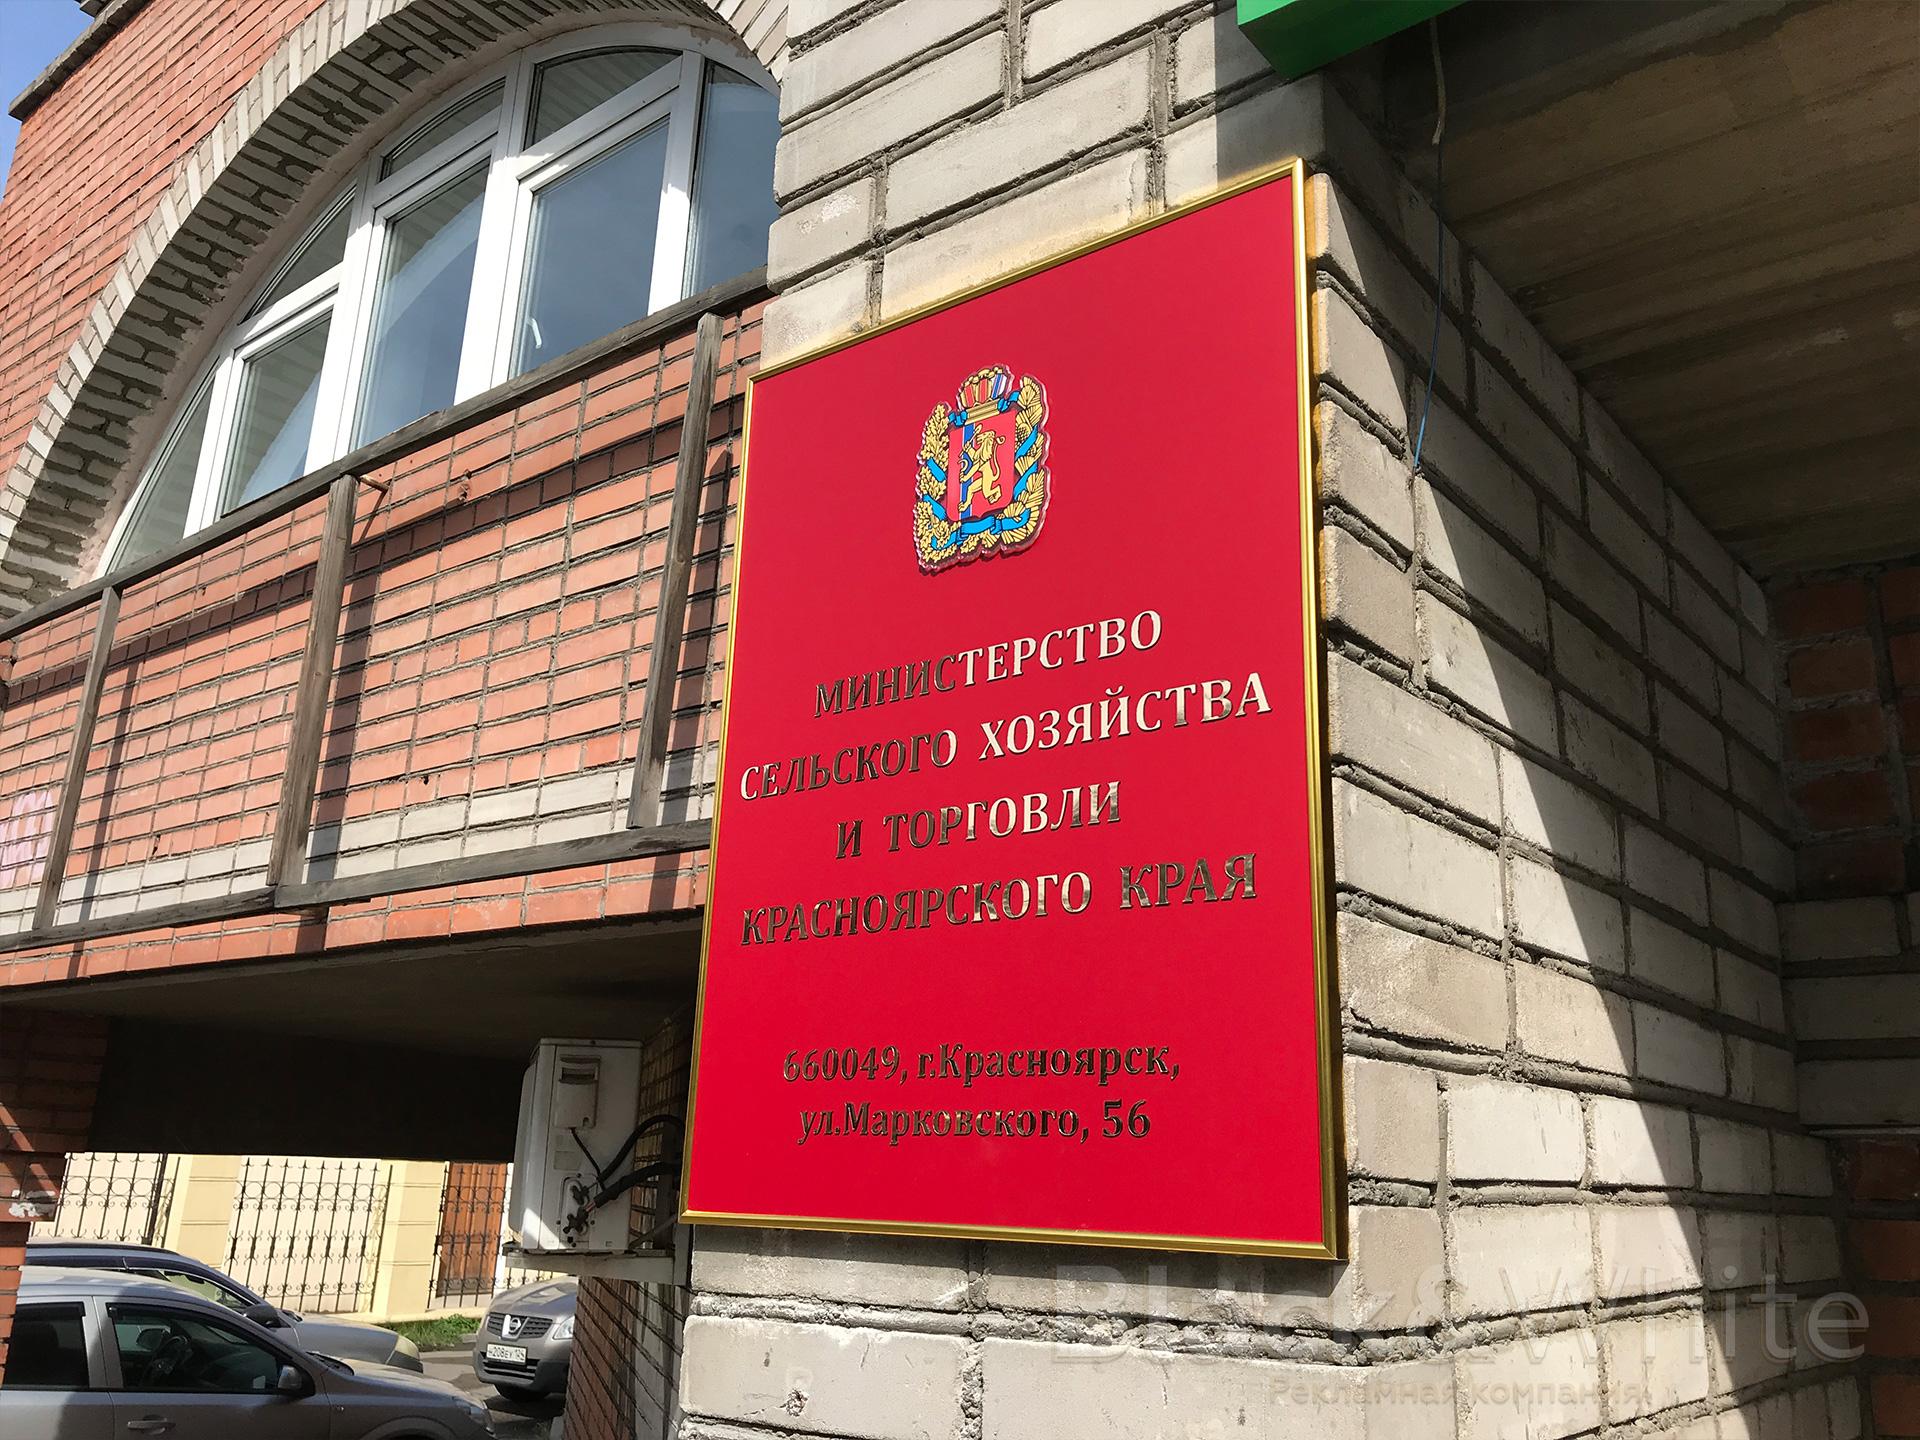 Фасадная-табличка-для-администрации-города.jpg